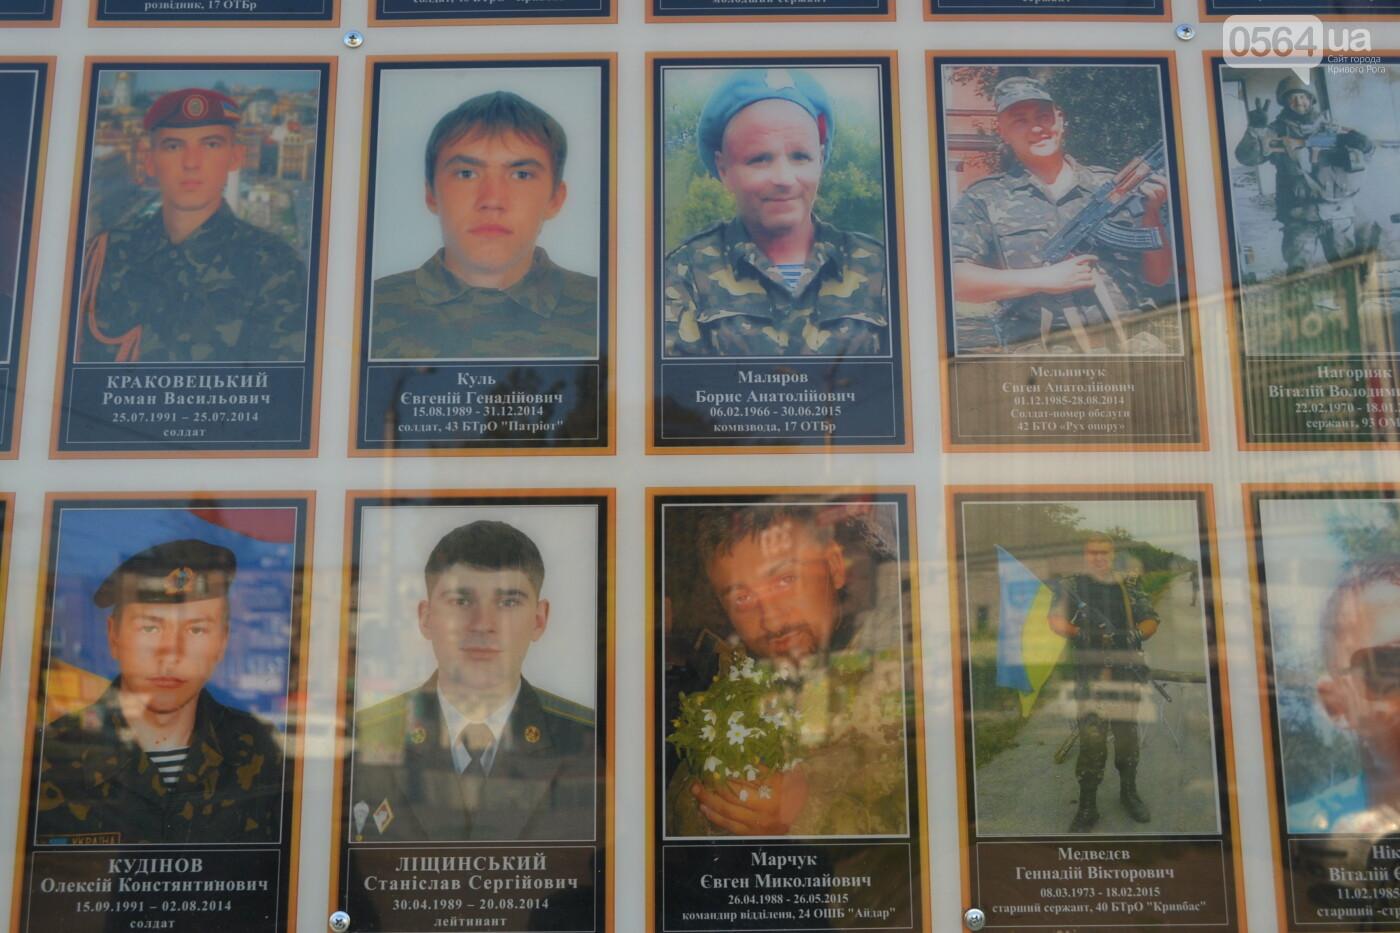 Поздравить живых, поклониться погибшим, - сегодня День защитника Украины, - ФОТО, фото-11